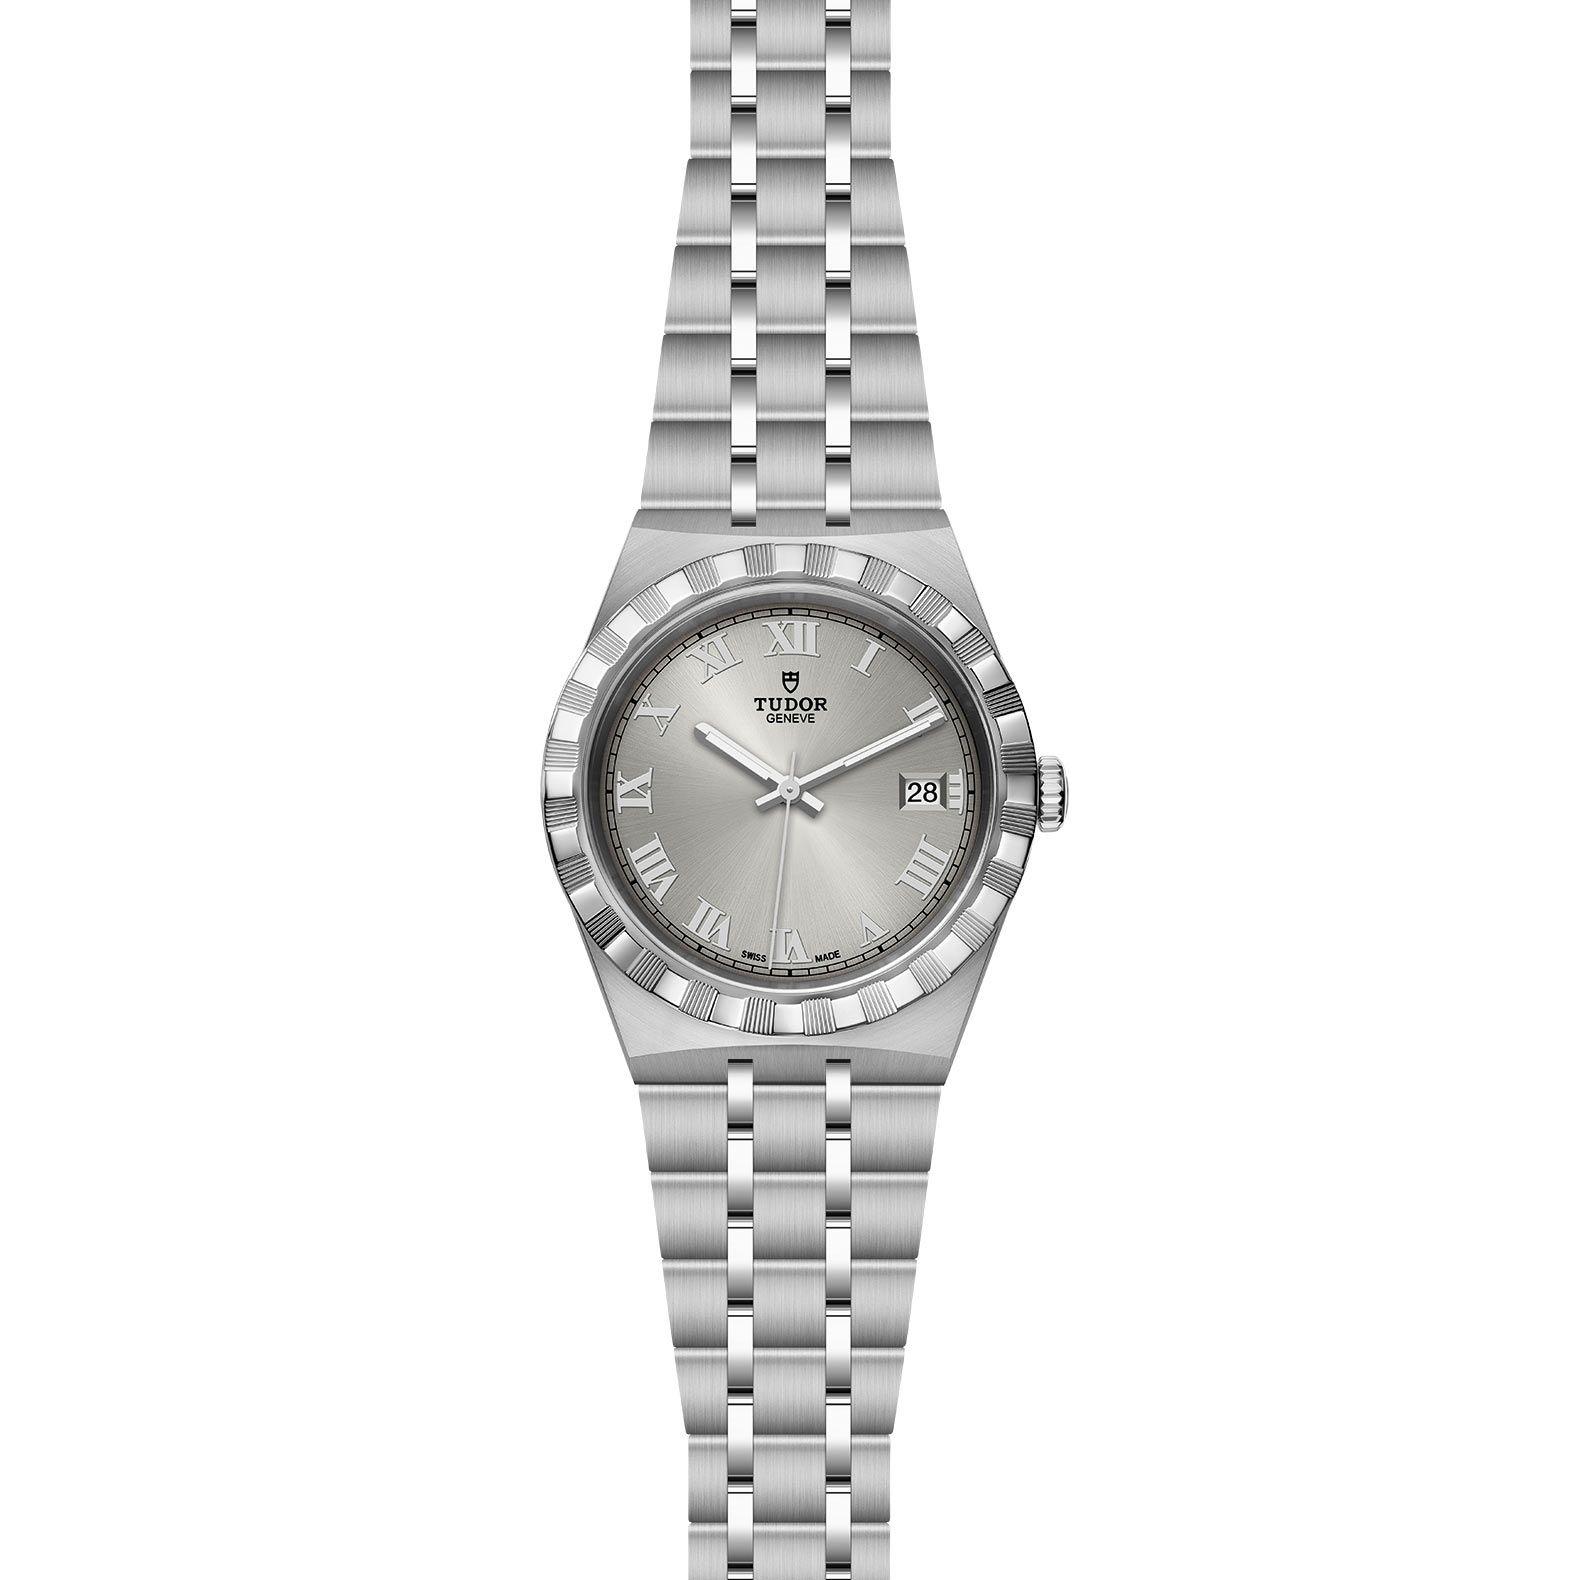 TUDOR ROYAL 28500 - 0001